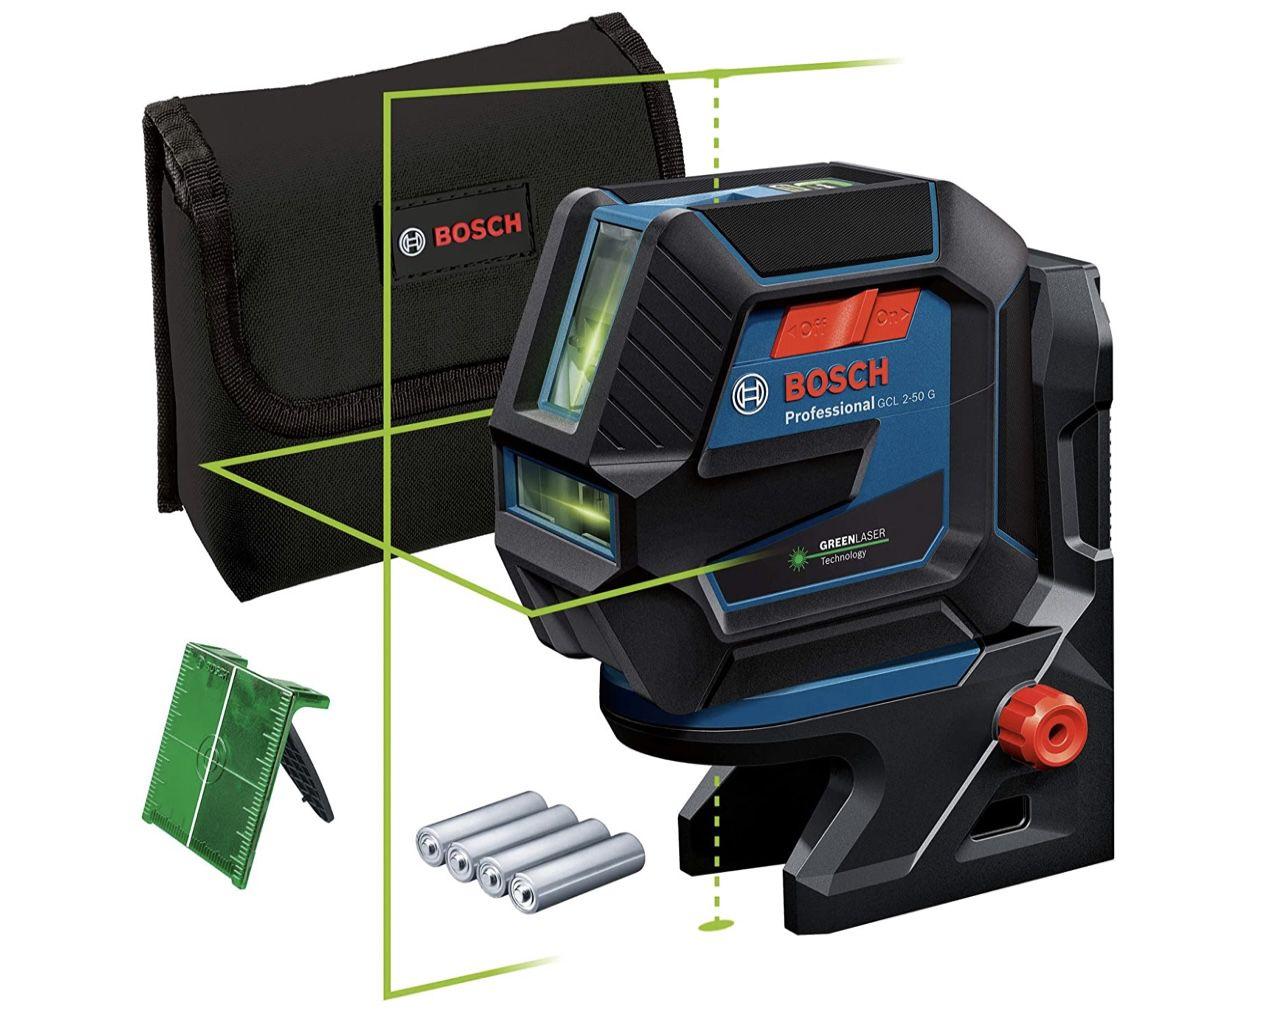 Bosch Professional Linienlaser GCL 2-50 G inkl. Halterung RM 10 u. 4x AA-Batterie für 147,99€ (statt 175€)